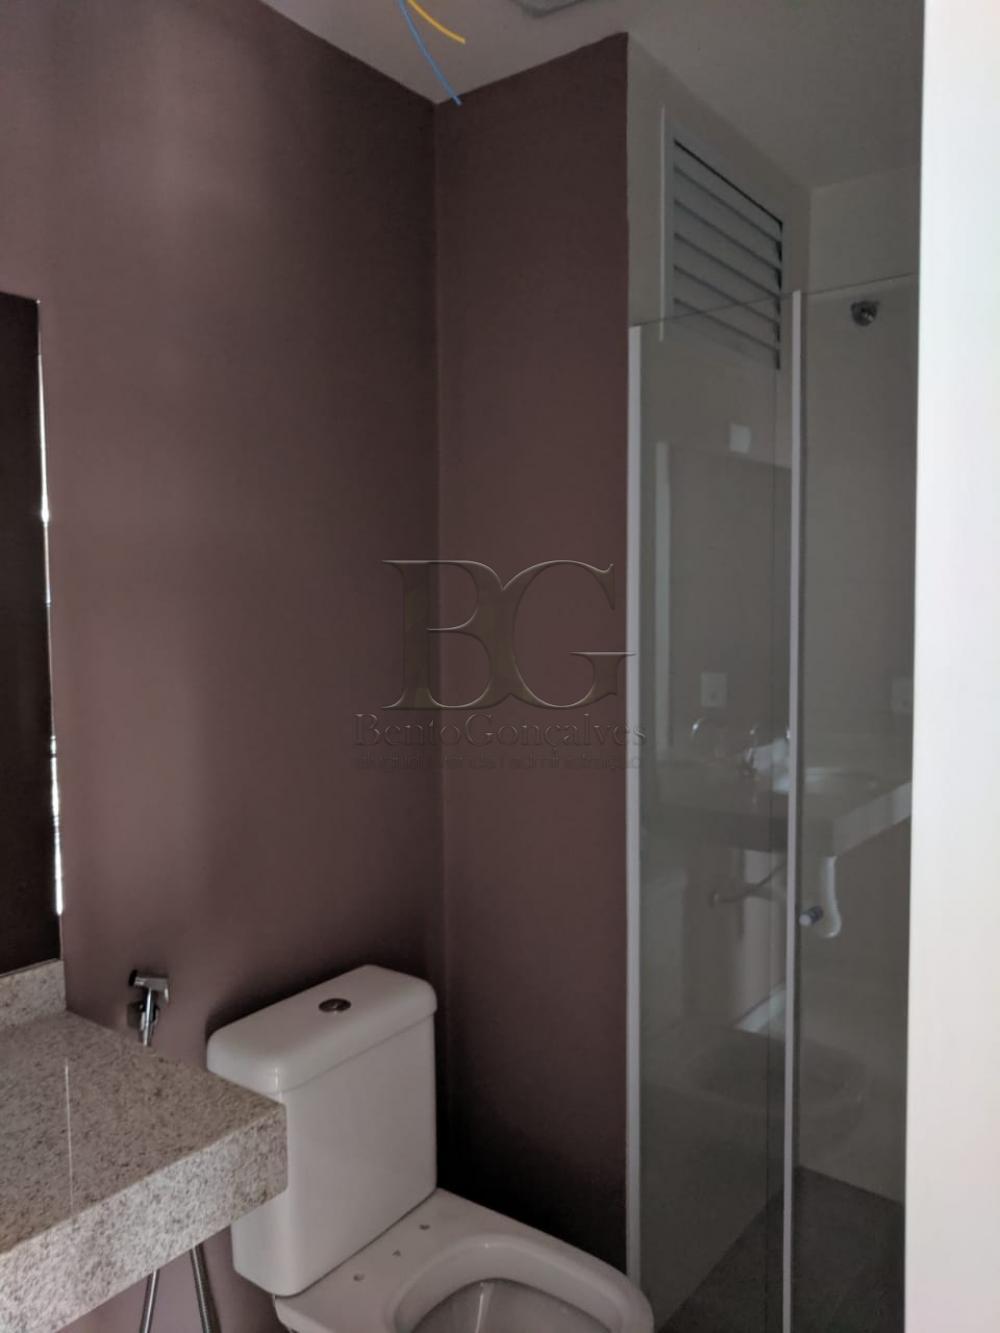 Comprar Apartamentos / Padrão em Poços de Caldas apenas R$ 225.000,00 - Foto 6